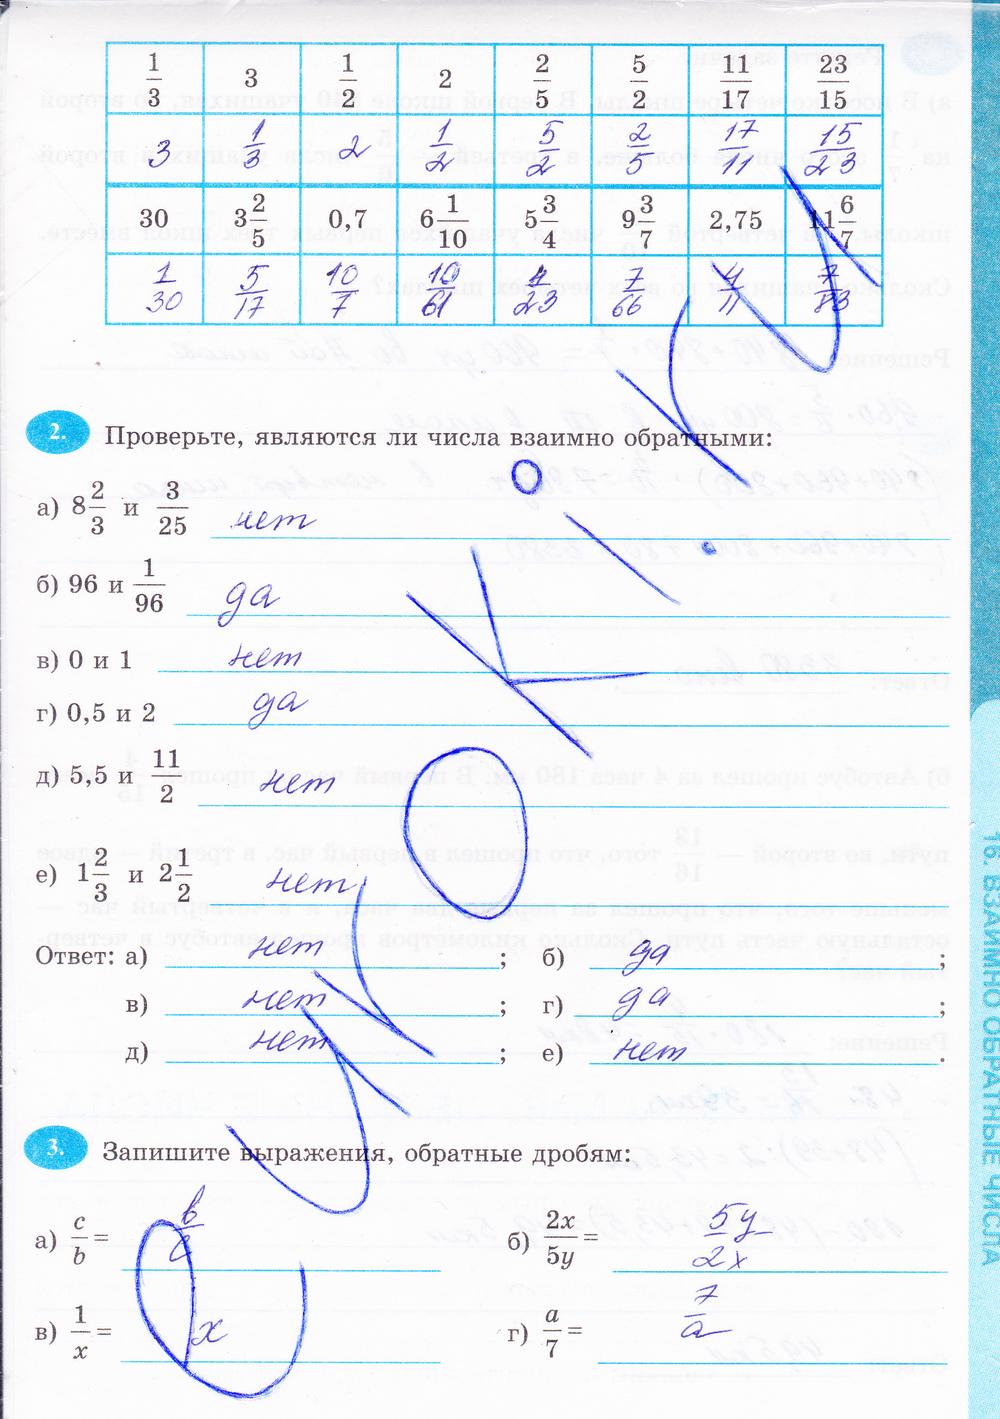 Решебник по математике 6 класс виленкин в тетрадь